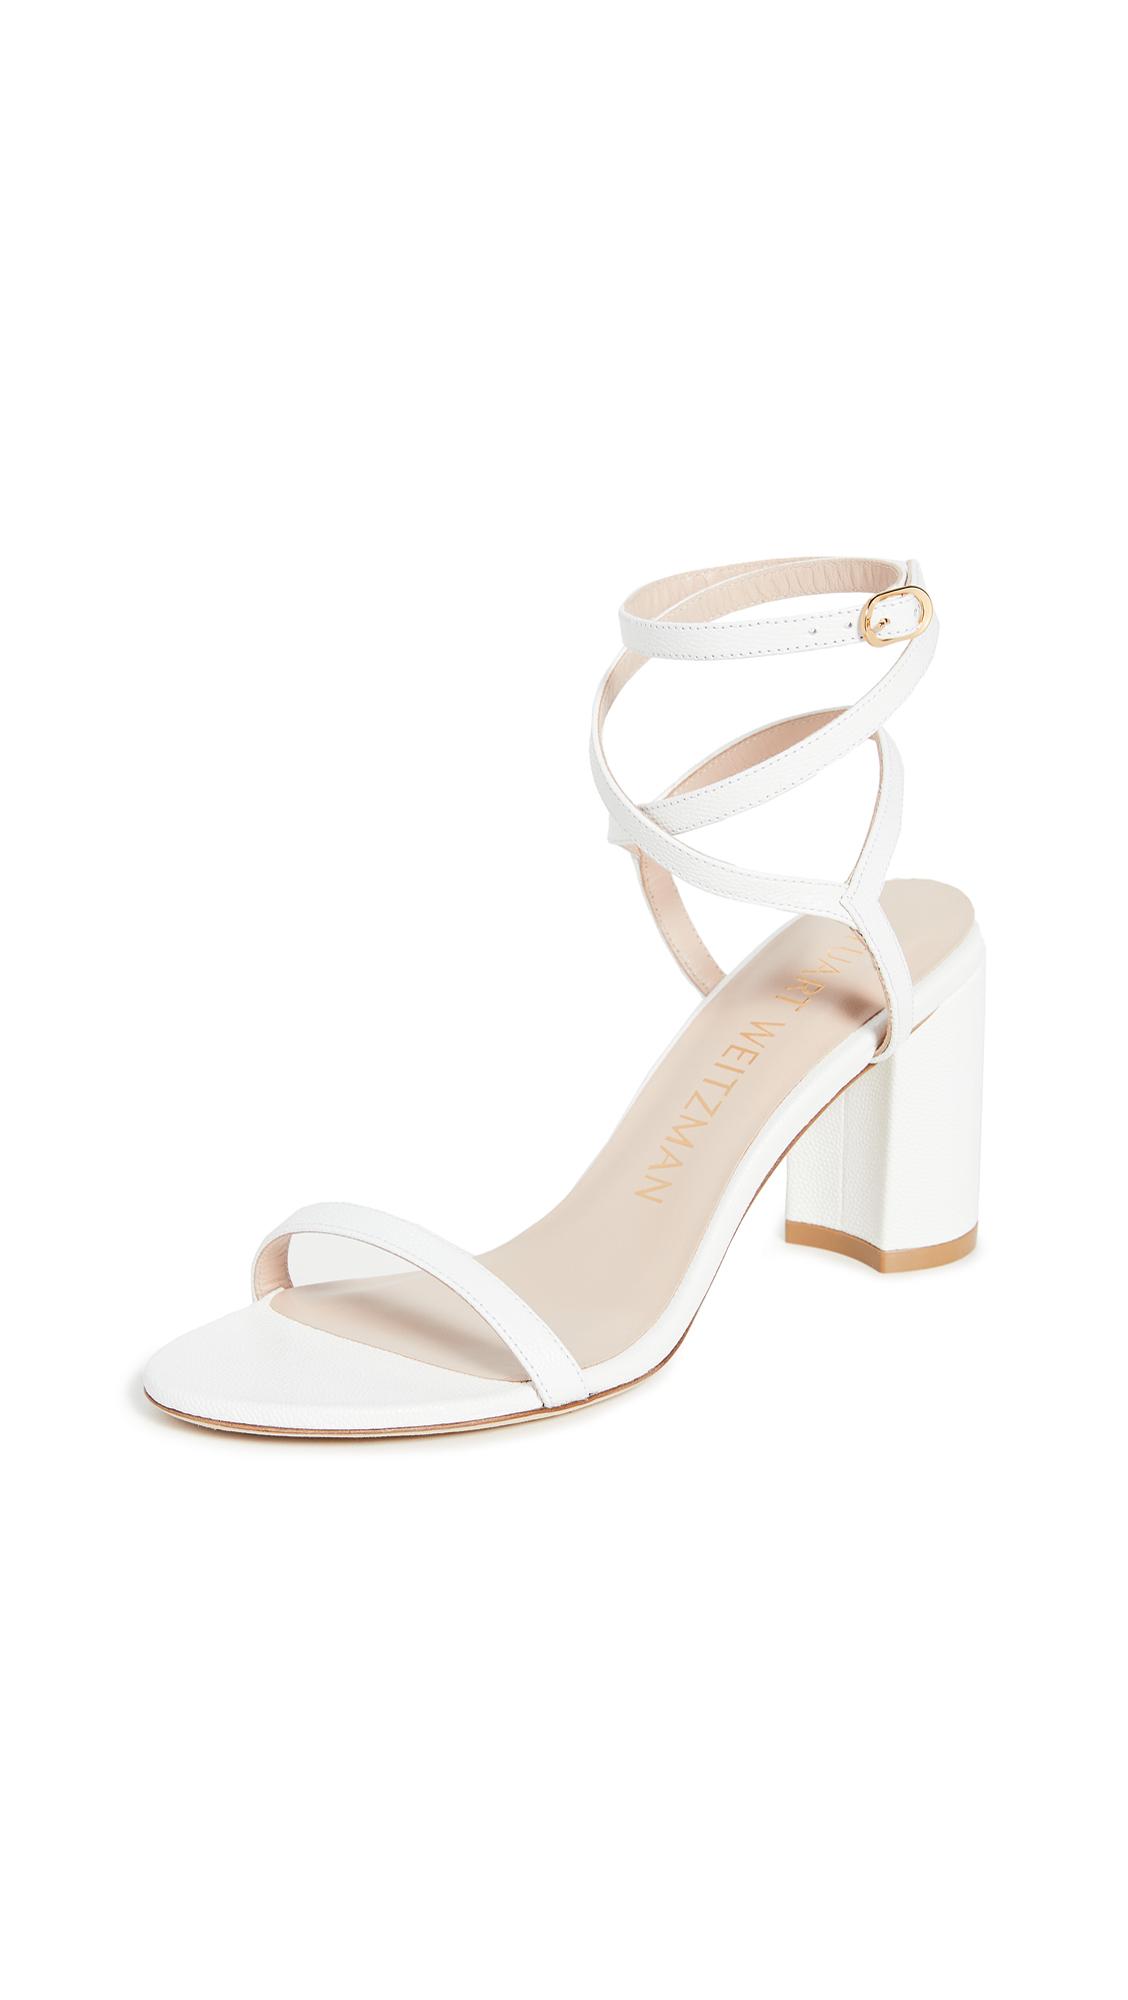 Stuart Weitzman Merinda Block Sandals - White